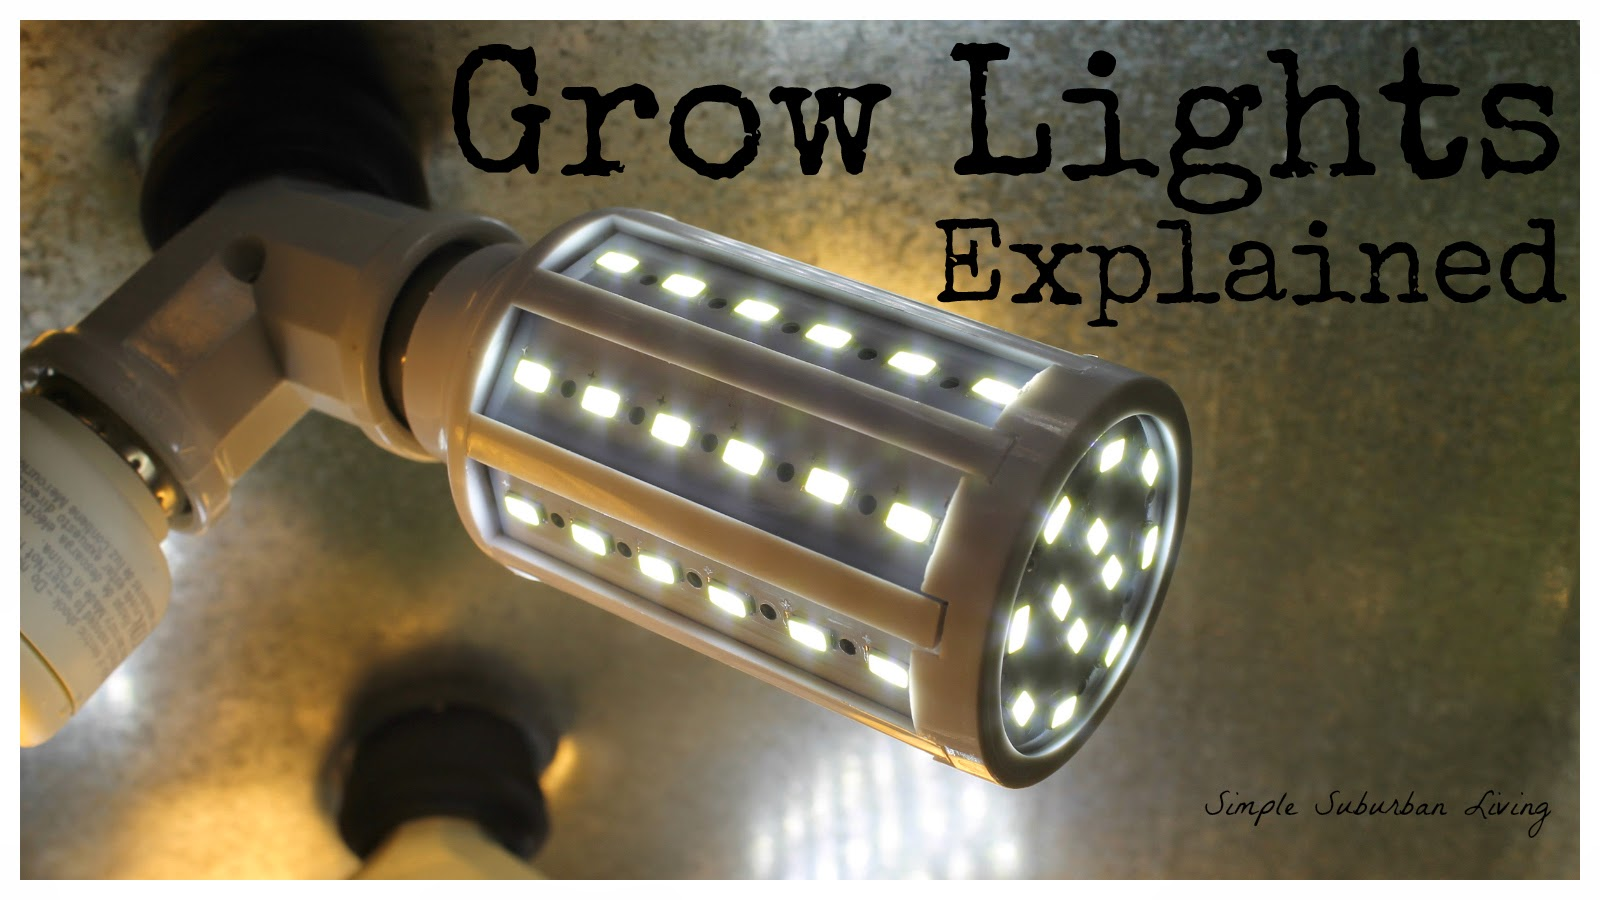 Indoor grow lighting explained